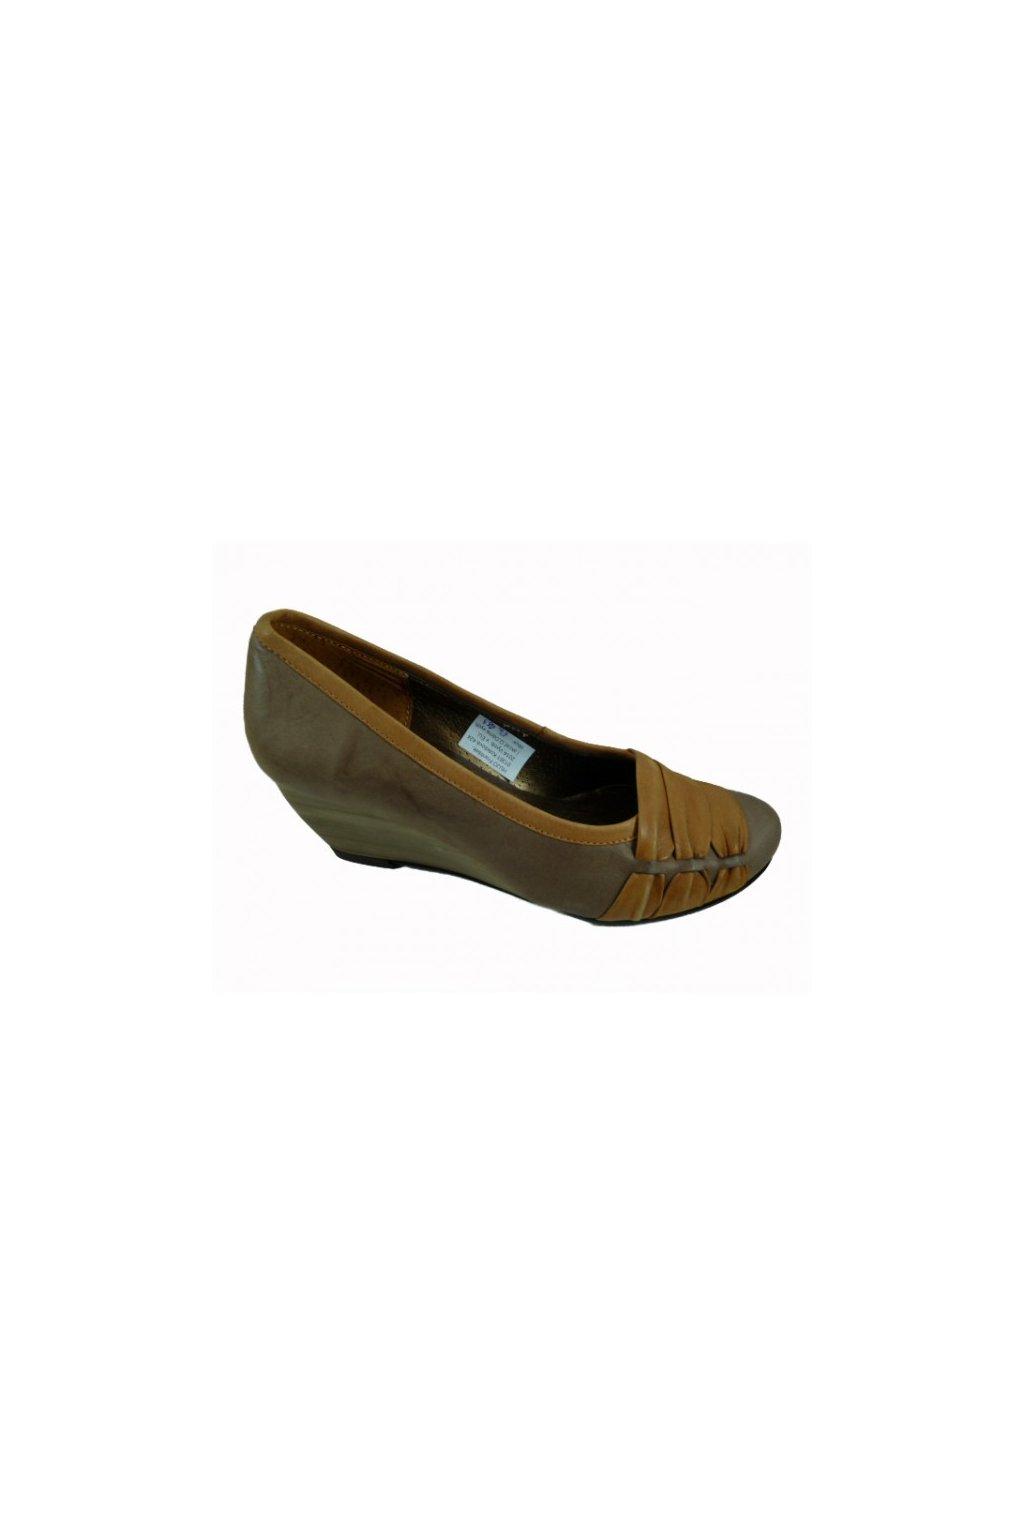 Dámská podměrná obuv Hujo EW 953